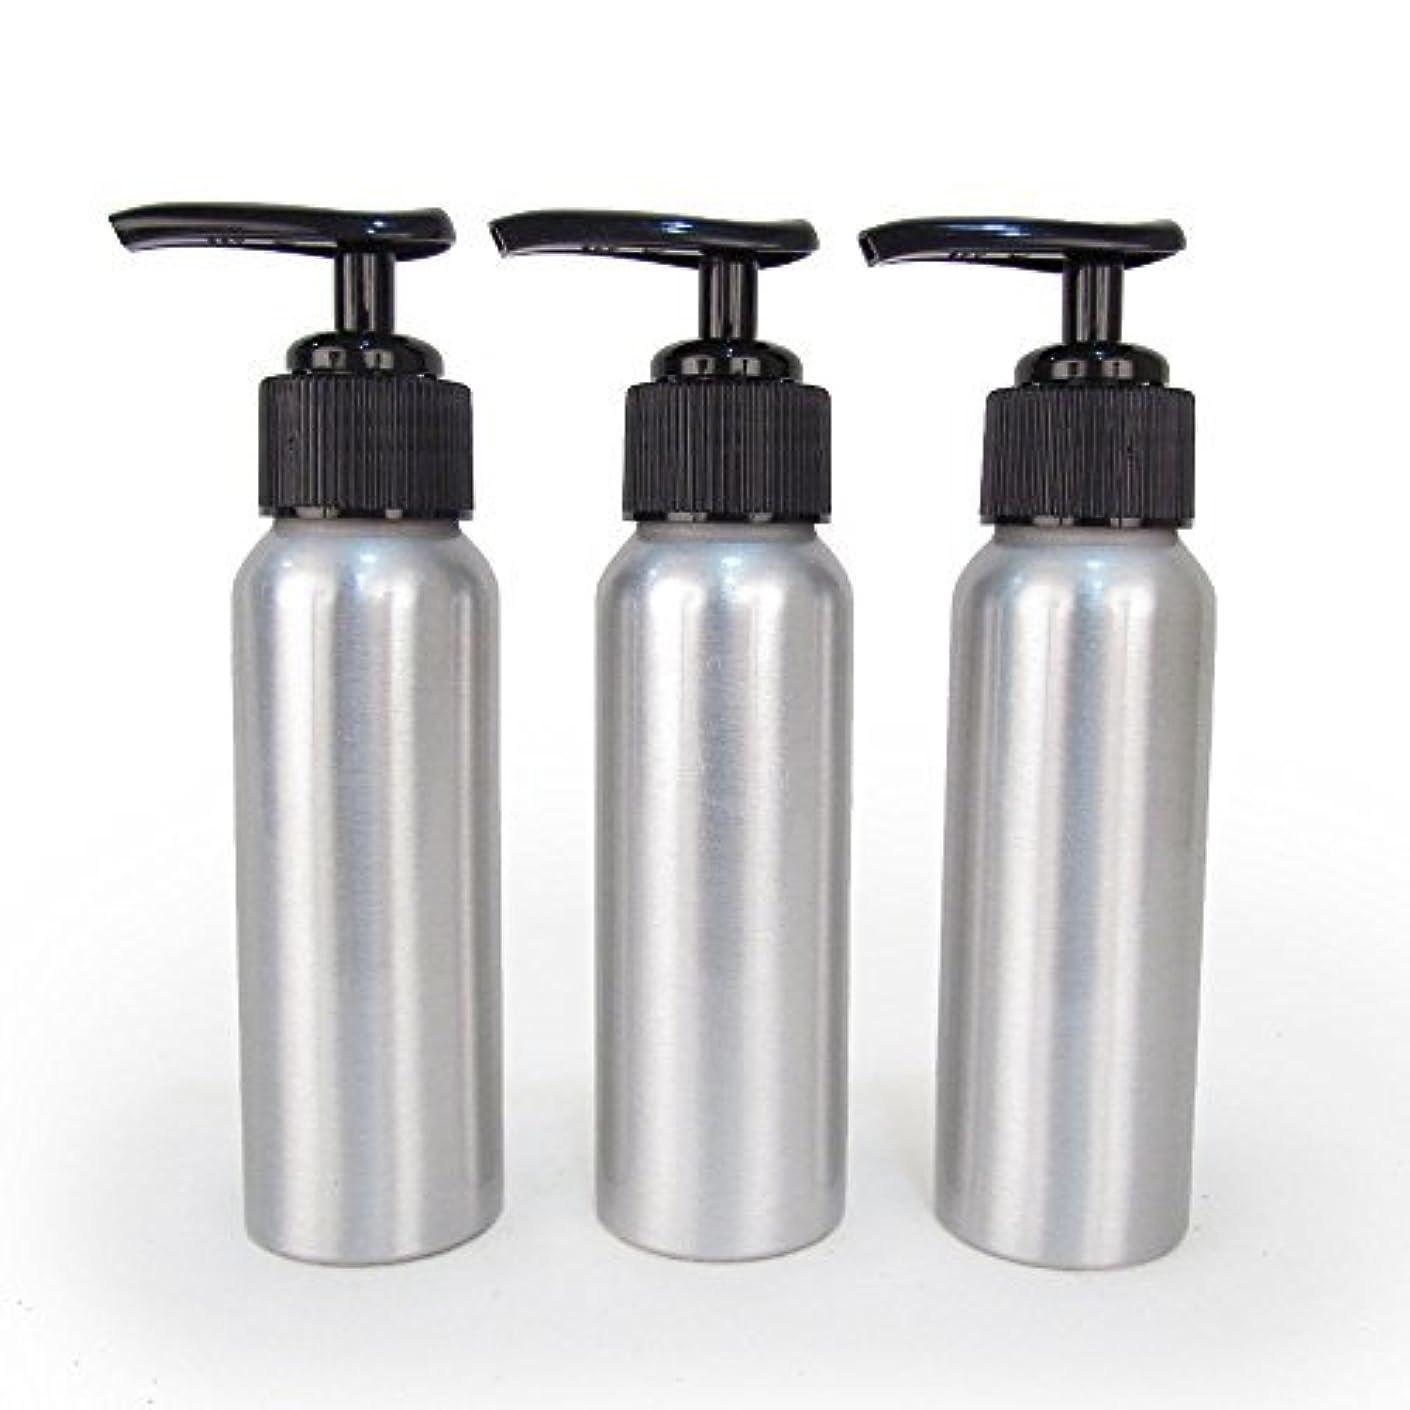 膨らみ買う主張するSet of 3 - Slender Brushed Aluminum 2.7 oz Pump Bottle for Essential Oil Products by Rivertree Life [並行輸入品]